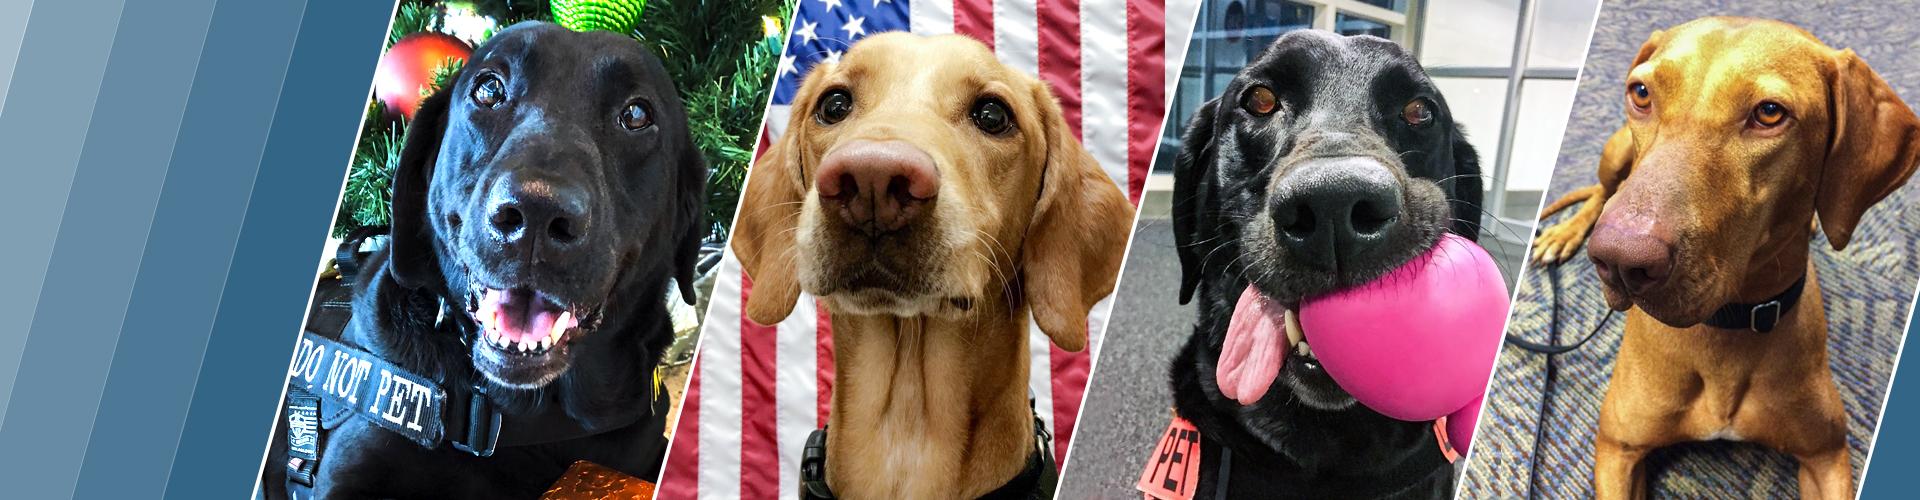 4 TSA canines